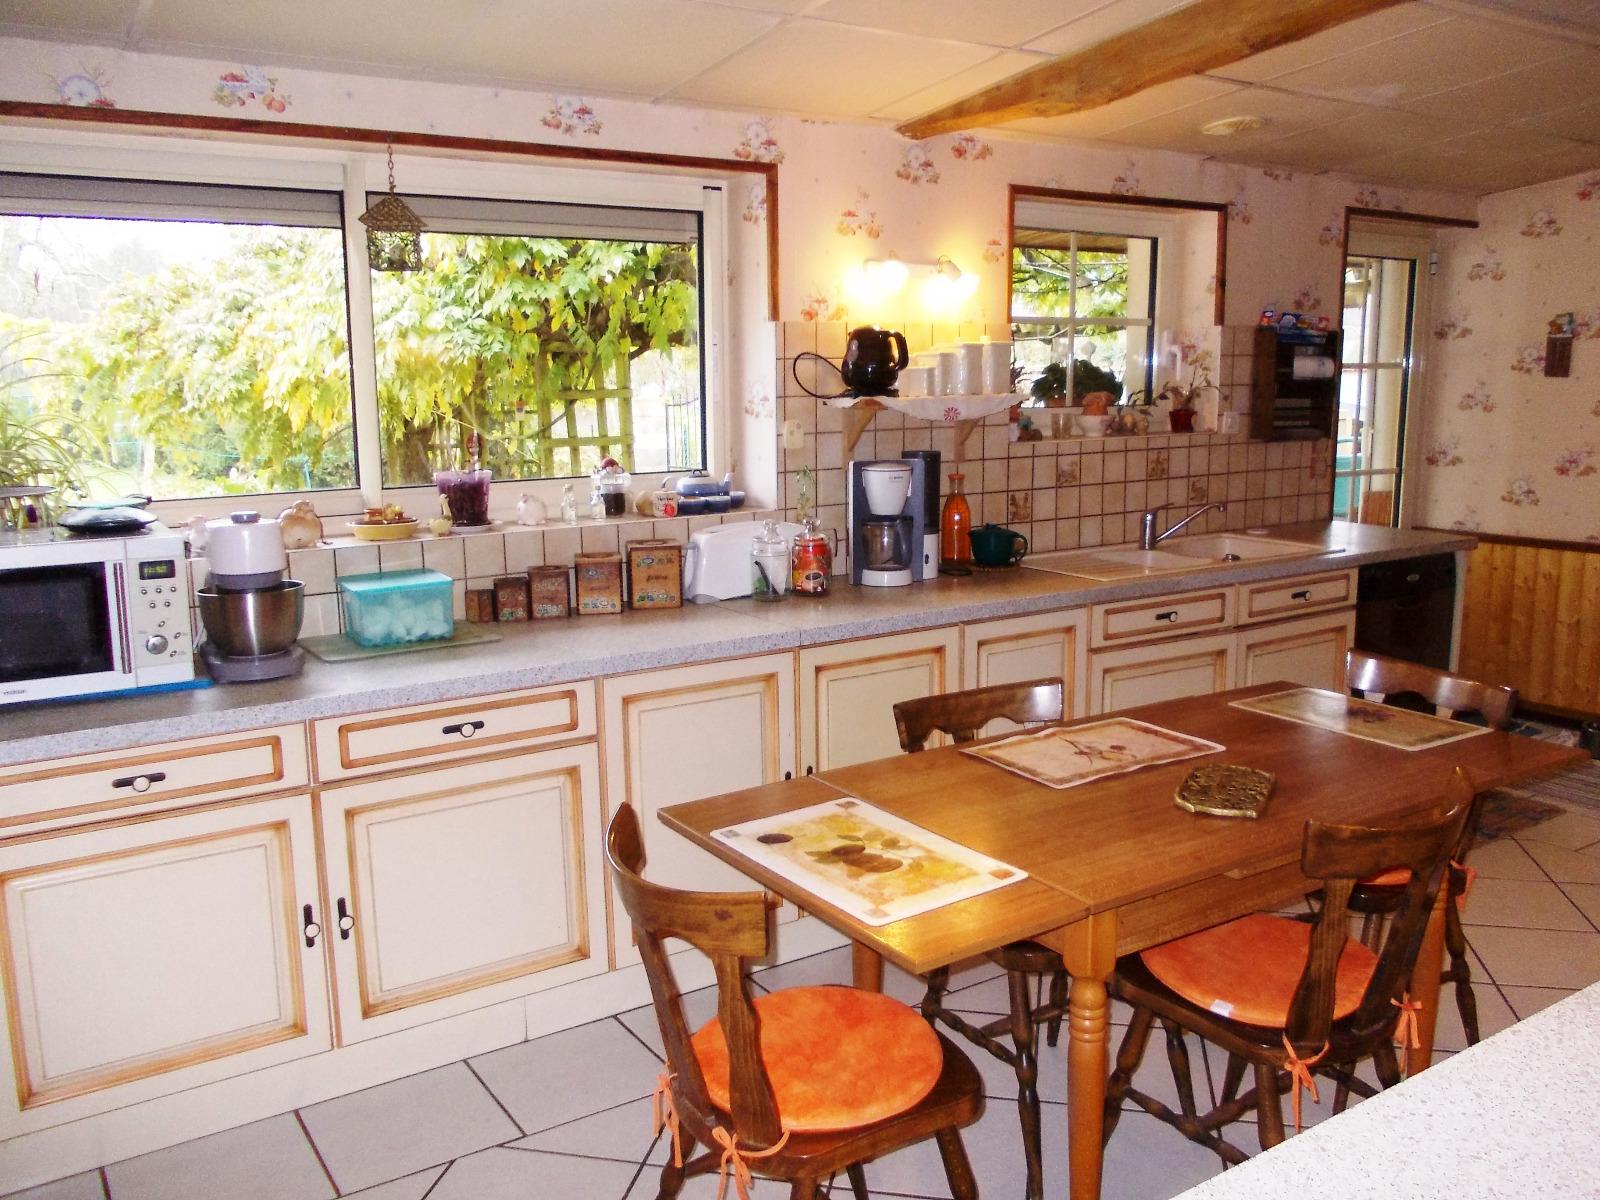 Vente SAINT GERMAIN 71 ferme rénovée avec logement 260 m² 3